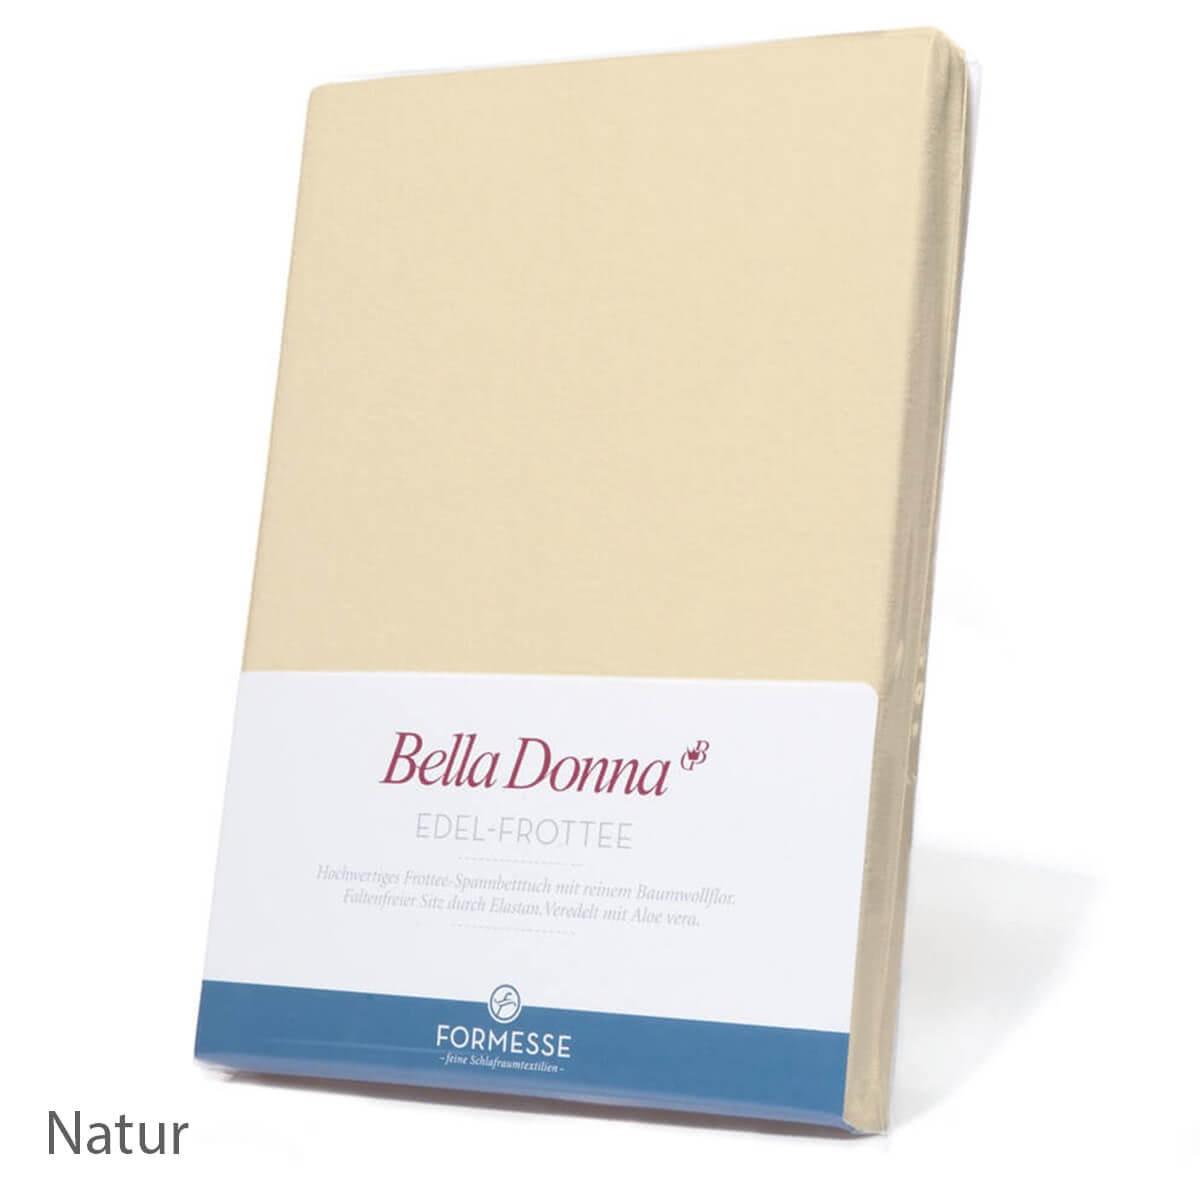 Formesse Bella Donna Edel Spannbetttuch Ansicht - Natur